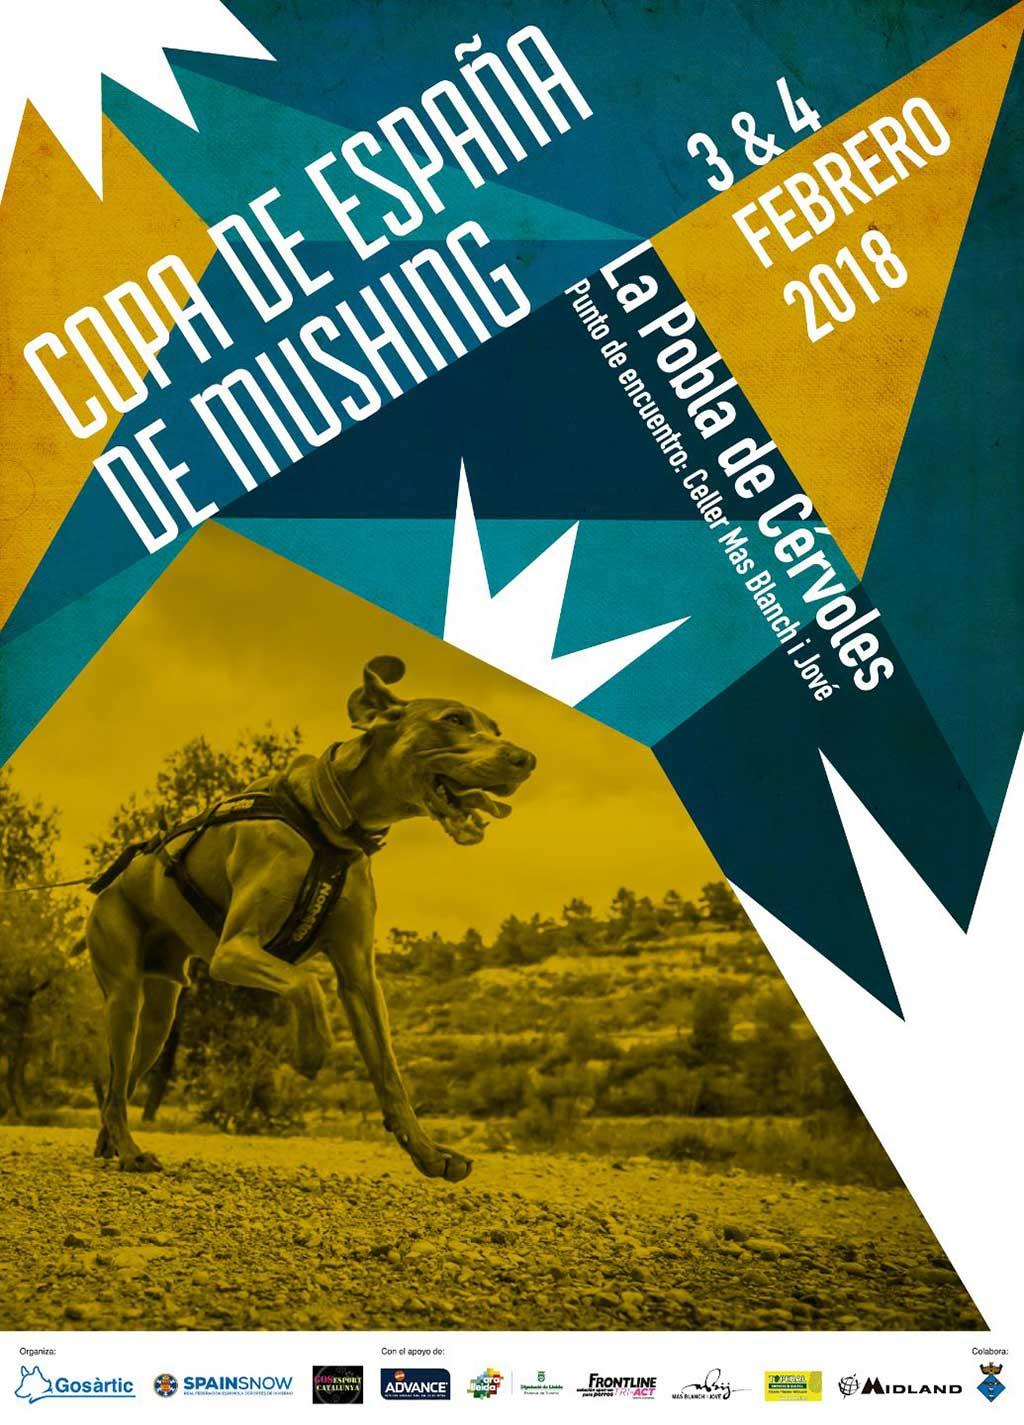 La Copa de España de Mushing y Canicross llega a La Pobla de Cérvoles.